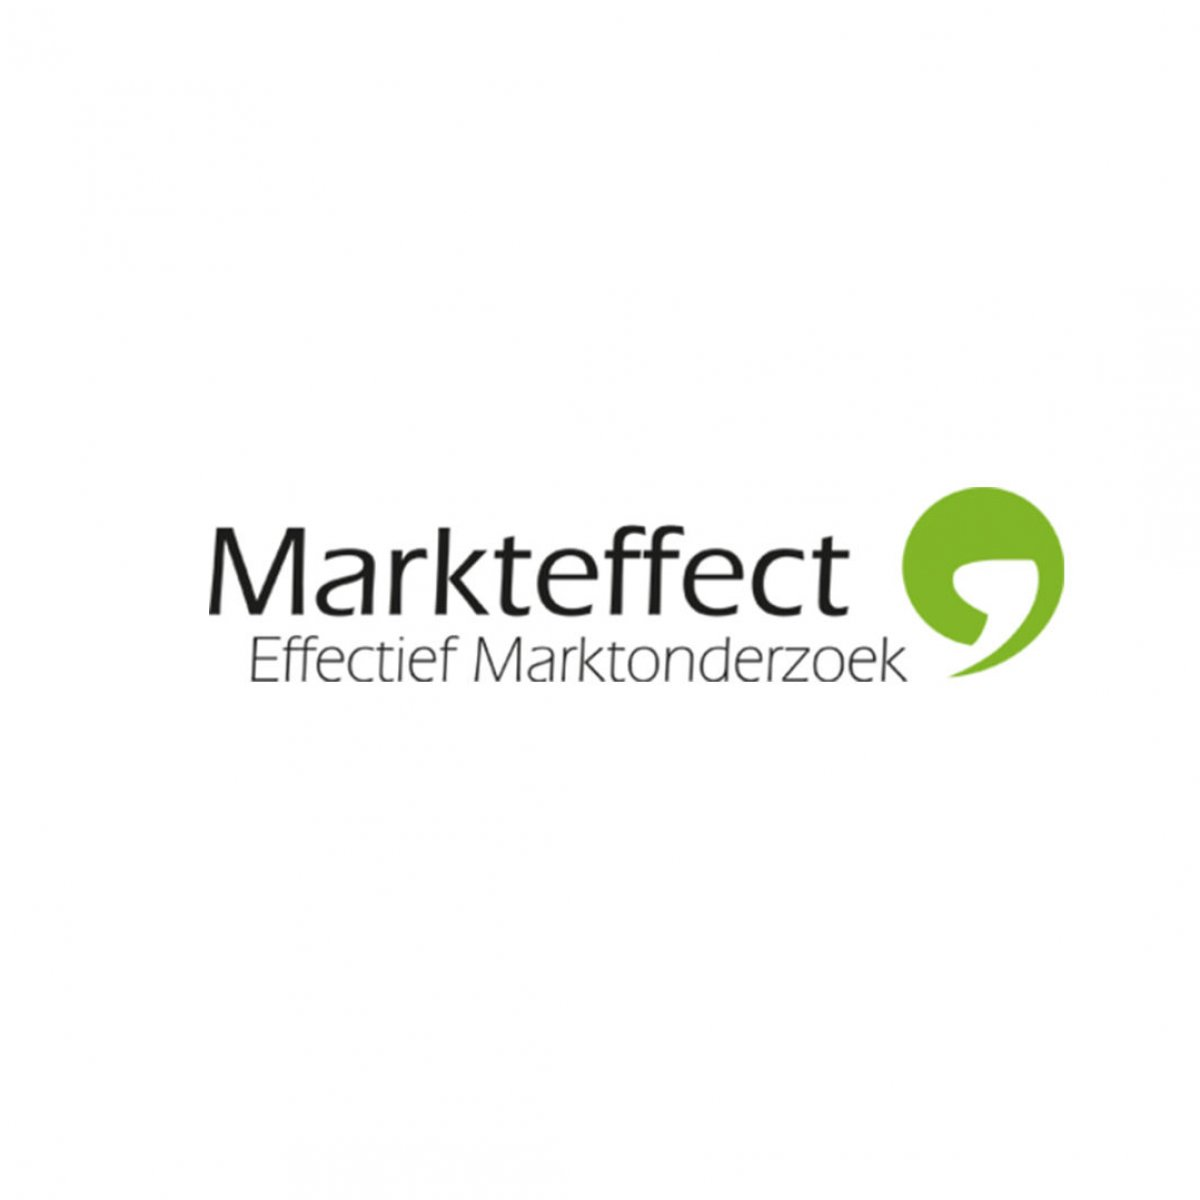 Markteffect.nl